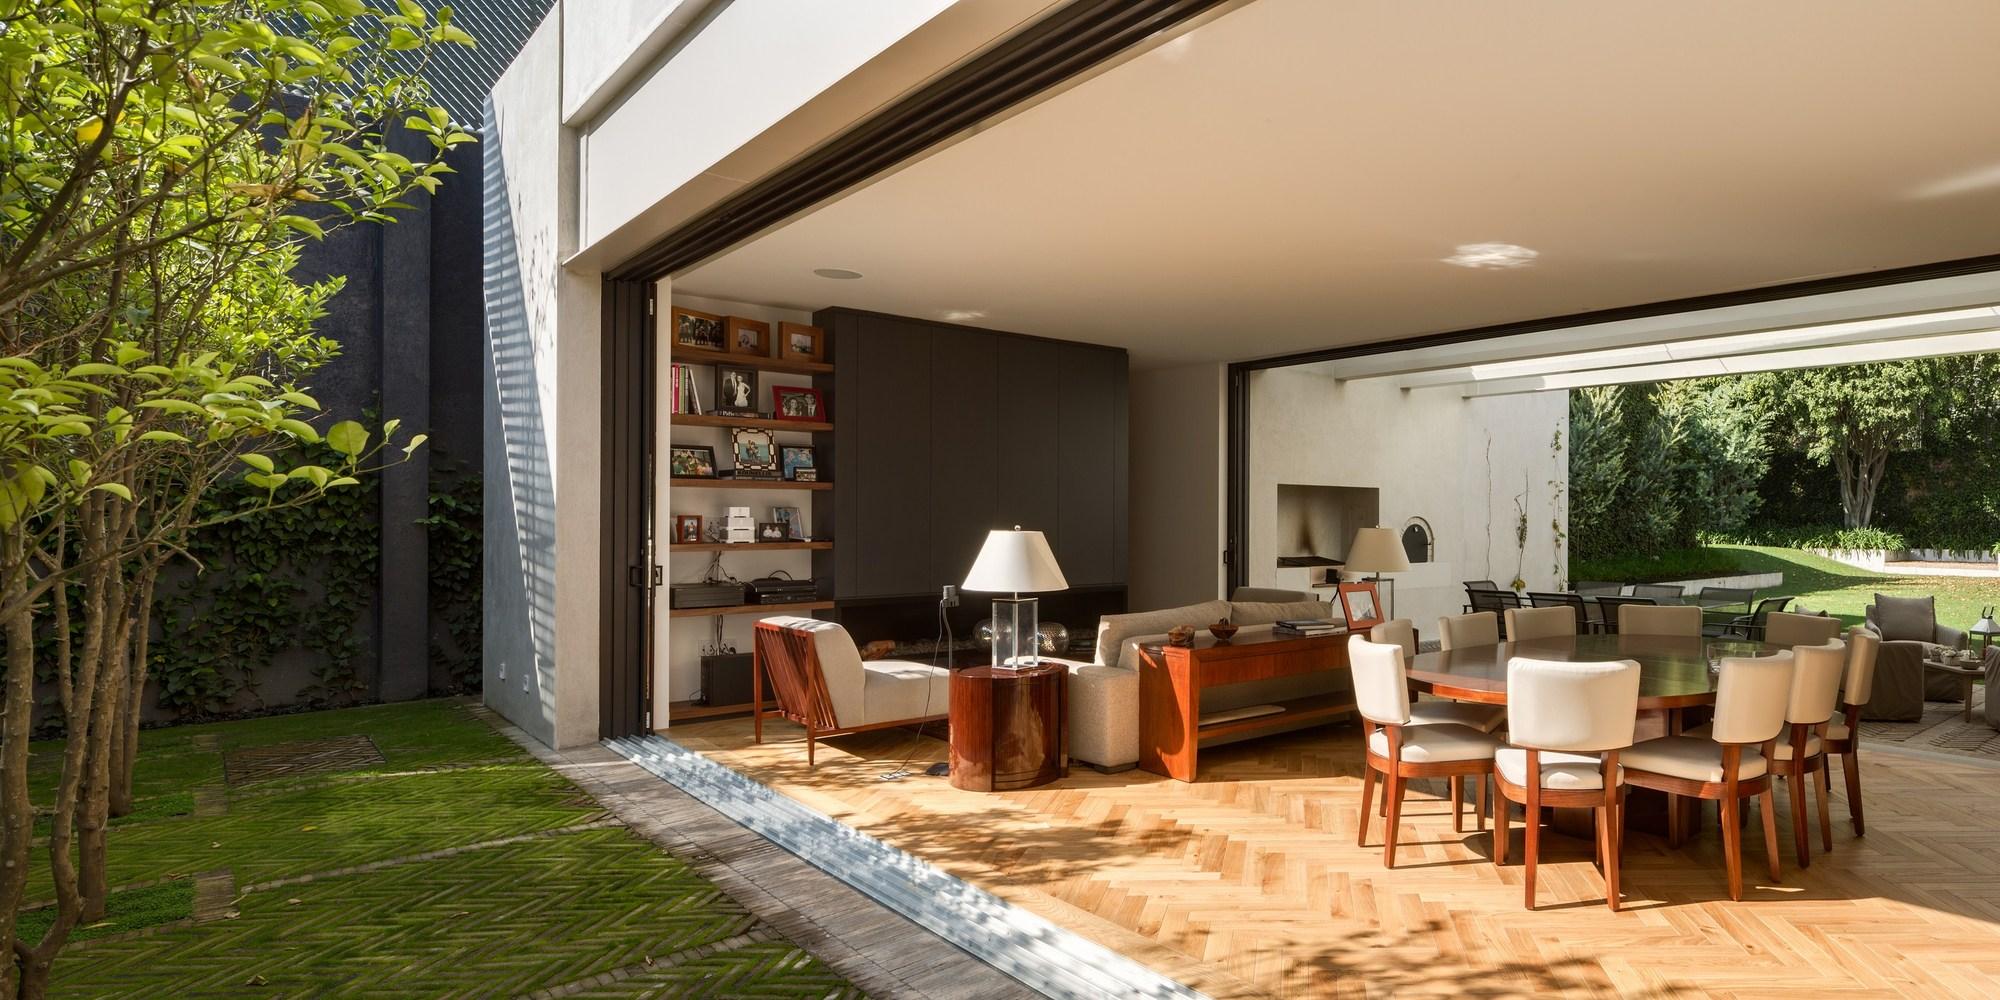 Galer a de casa jard n dcpp arquitectos 6 for Casa para almacenaje jardin